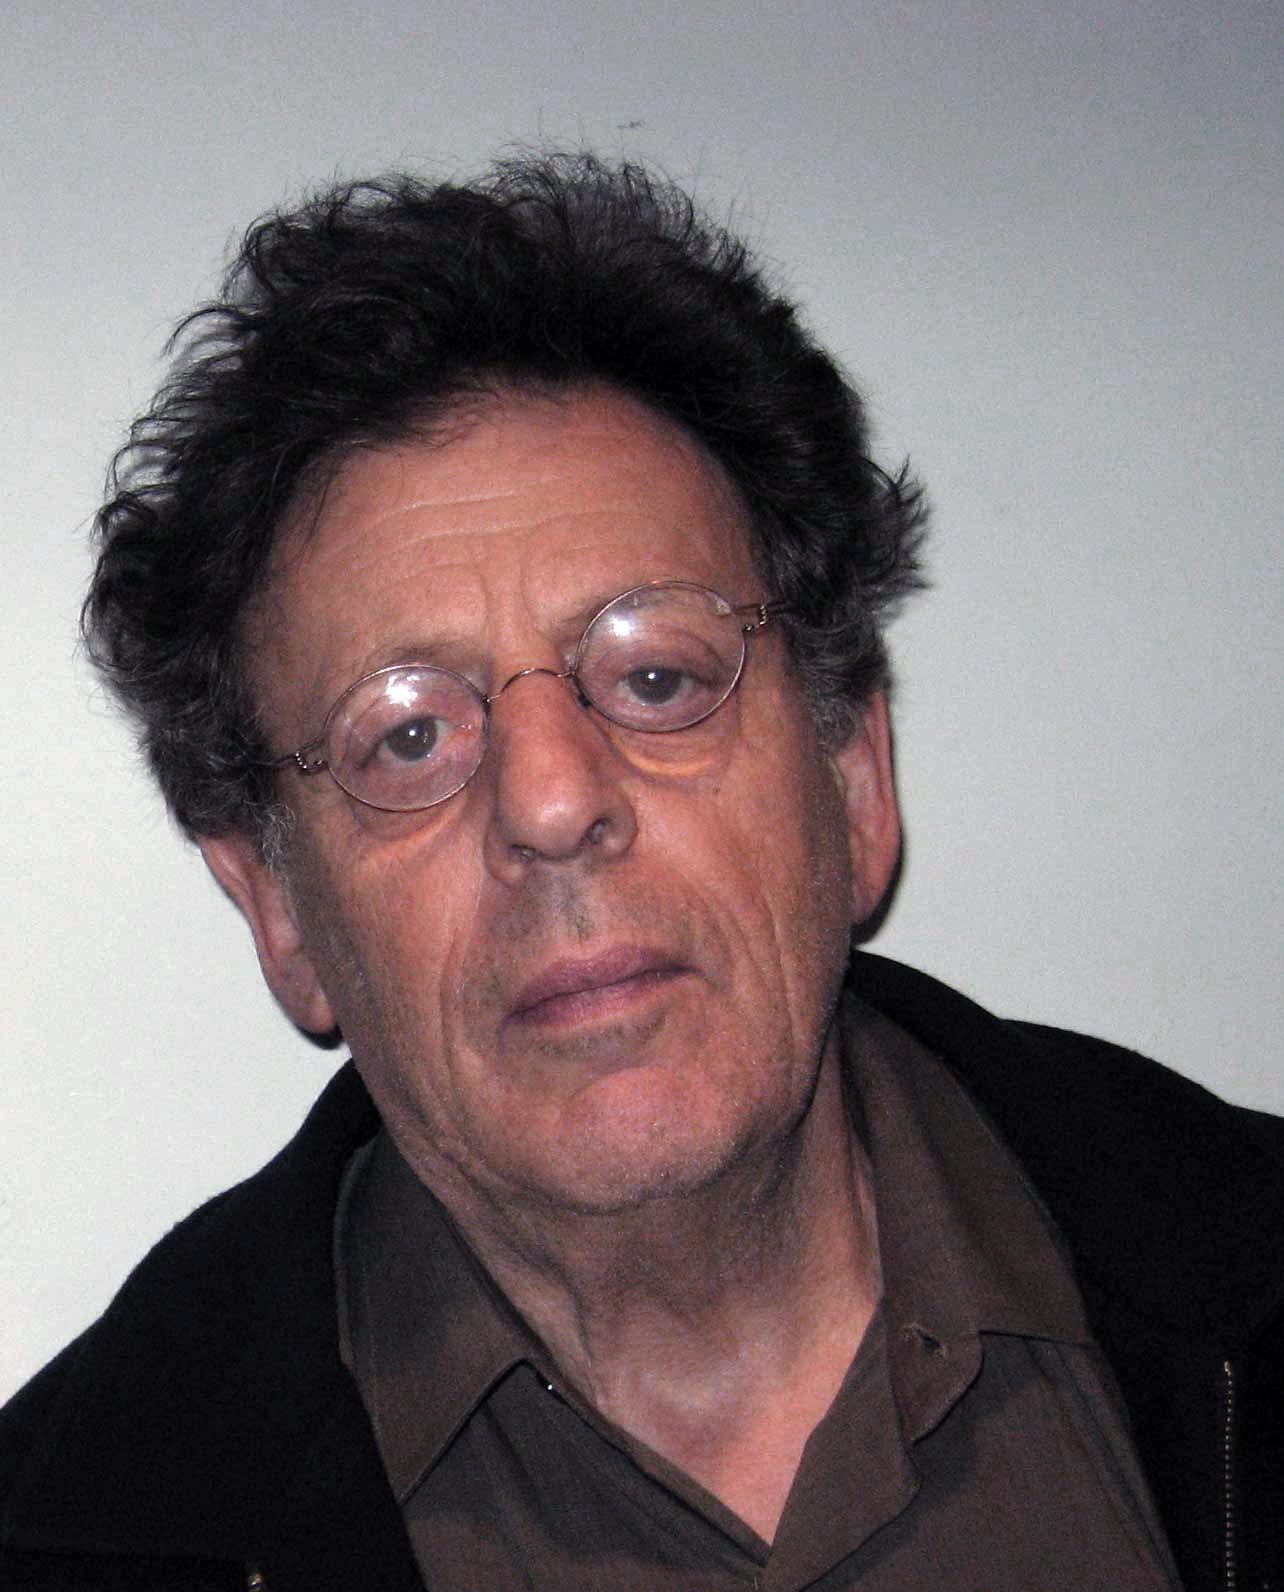 Philip Glass 1.jpg